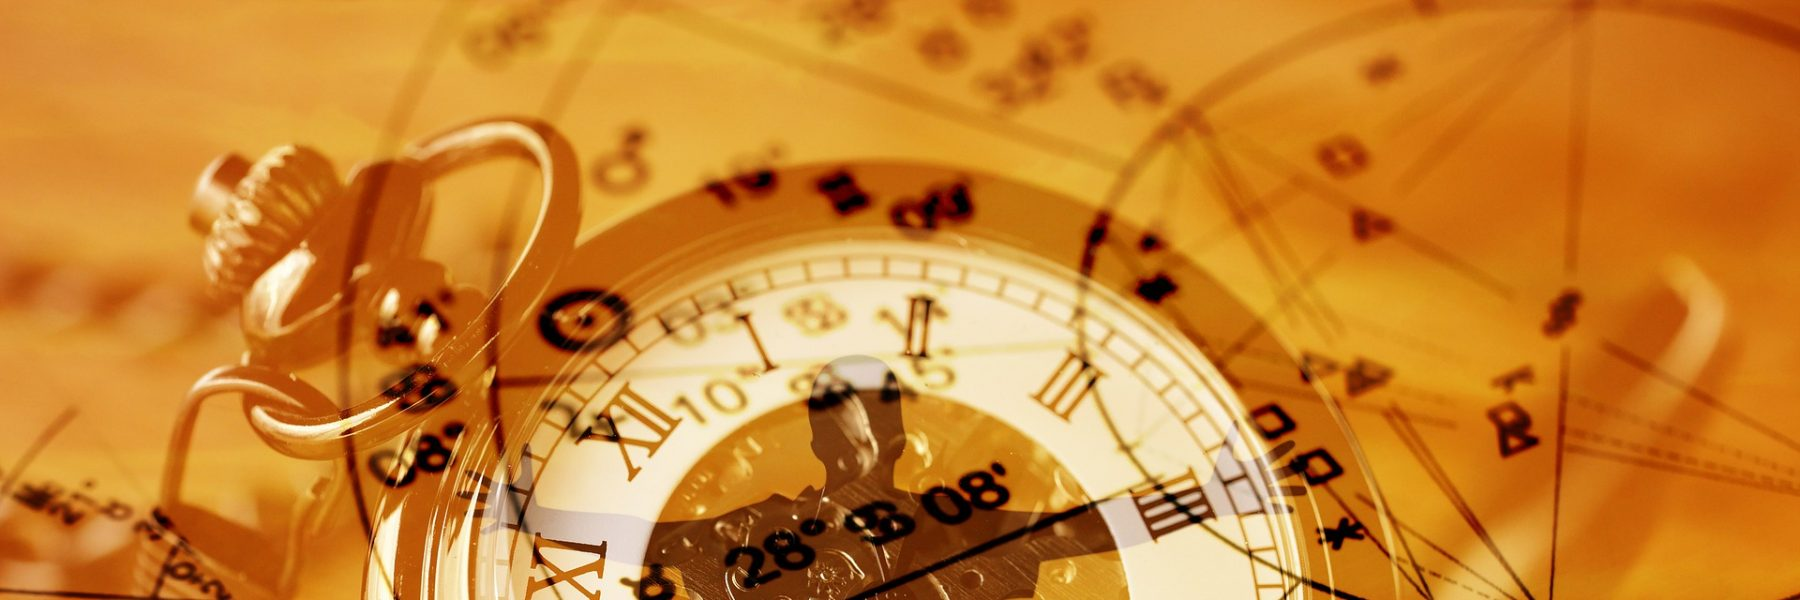 Horloge astrologie